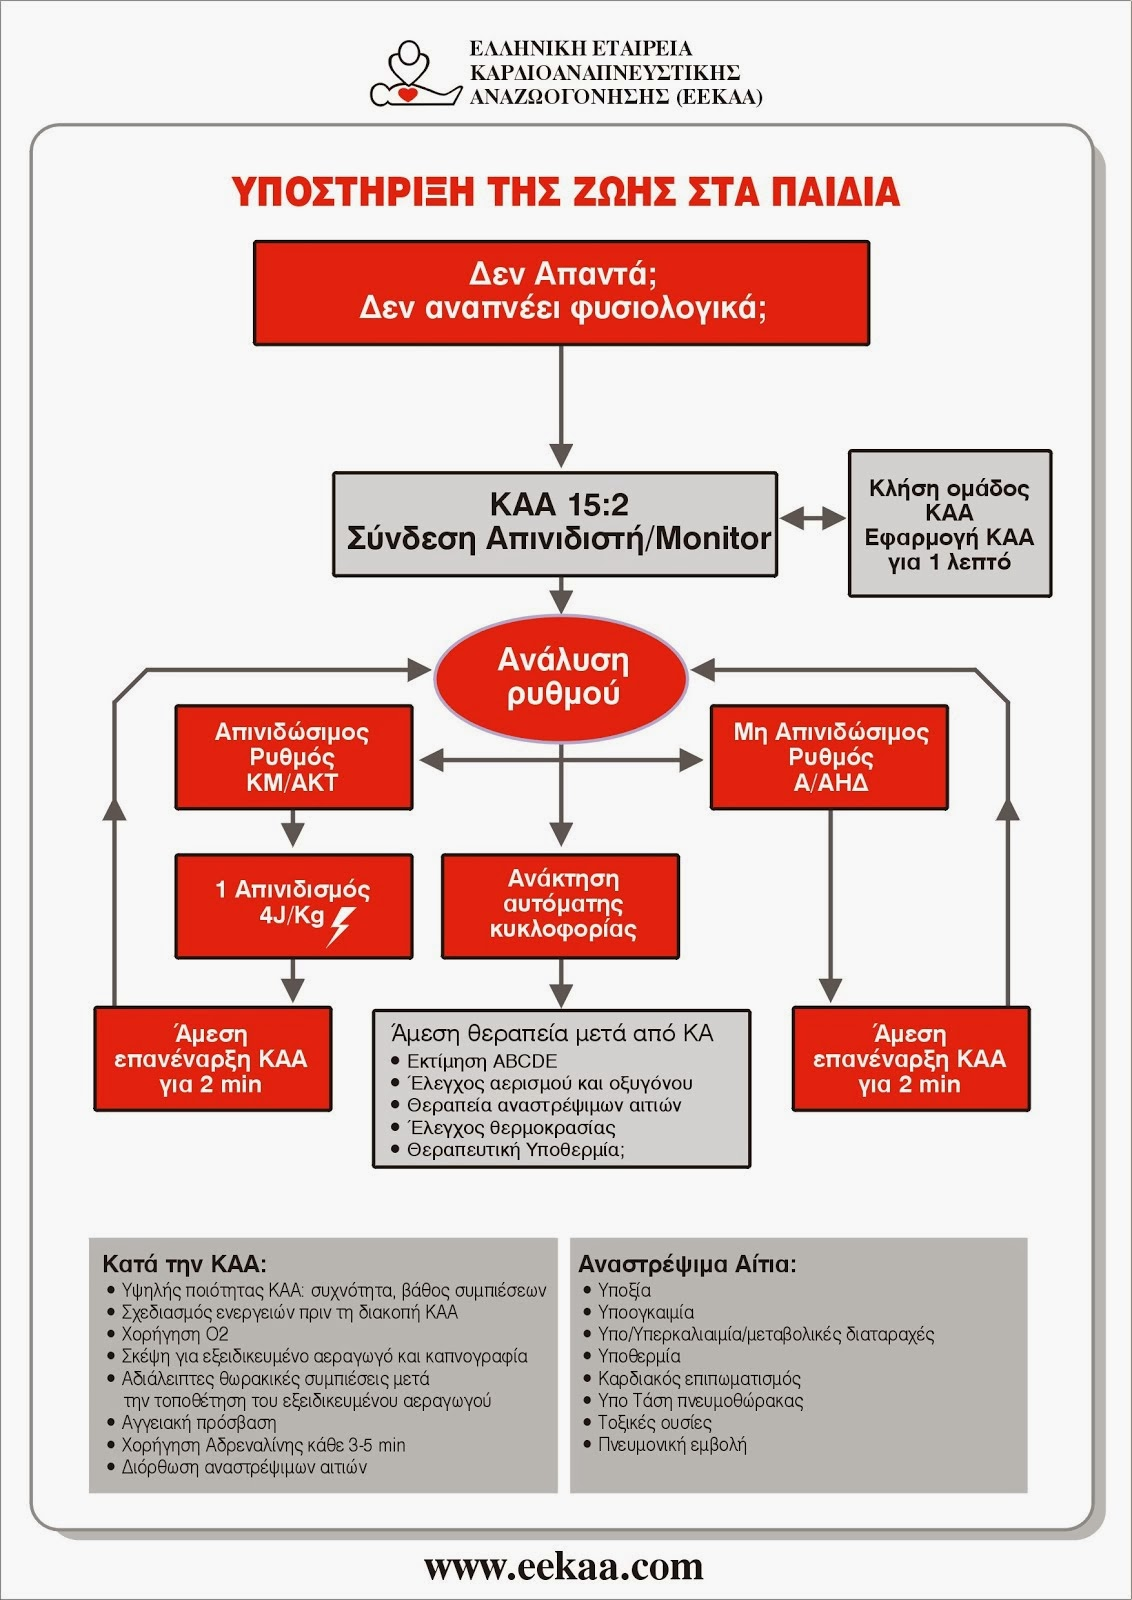 ΑΛΓΟΡΙΘΜΟΣ ΕΞΕΙΔΙΚΕΥΜΕΝΗΣ ΥΠΟΣΤΗΡΙΞΗΣ ΤΗΣ ΖΩΗΣ ΣΤΑ ΠΑΙΔΙΑ 2010 (ΕΕΚΑΑ - ERC)